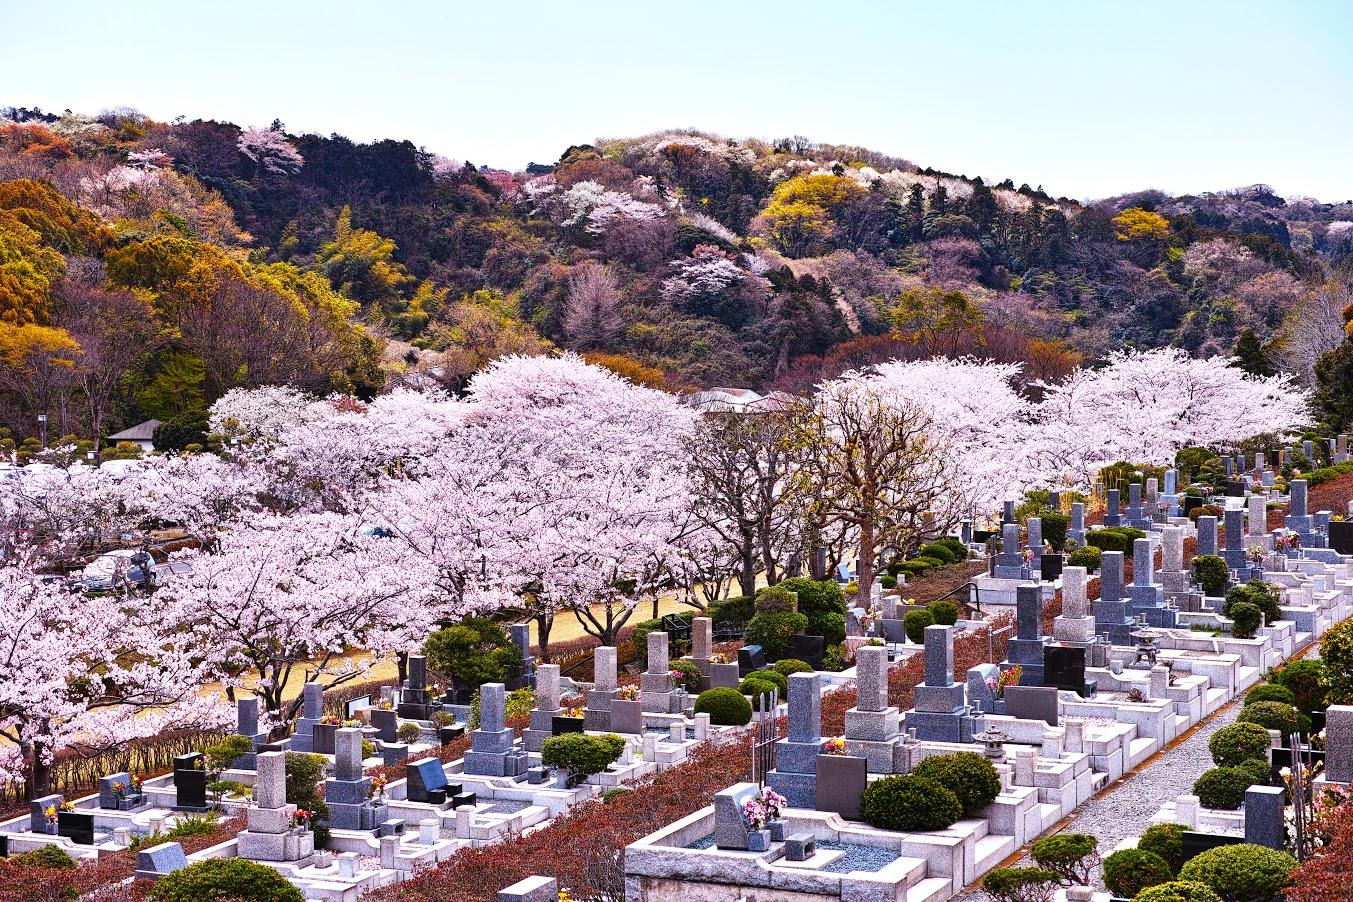 静岡県静岡市のおすすめの墓地霊園ランキング10選!選び方も解説のサムネイル画像